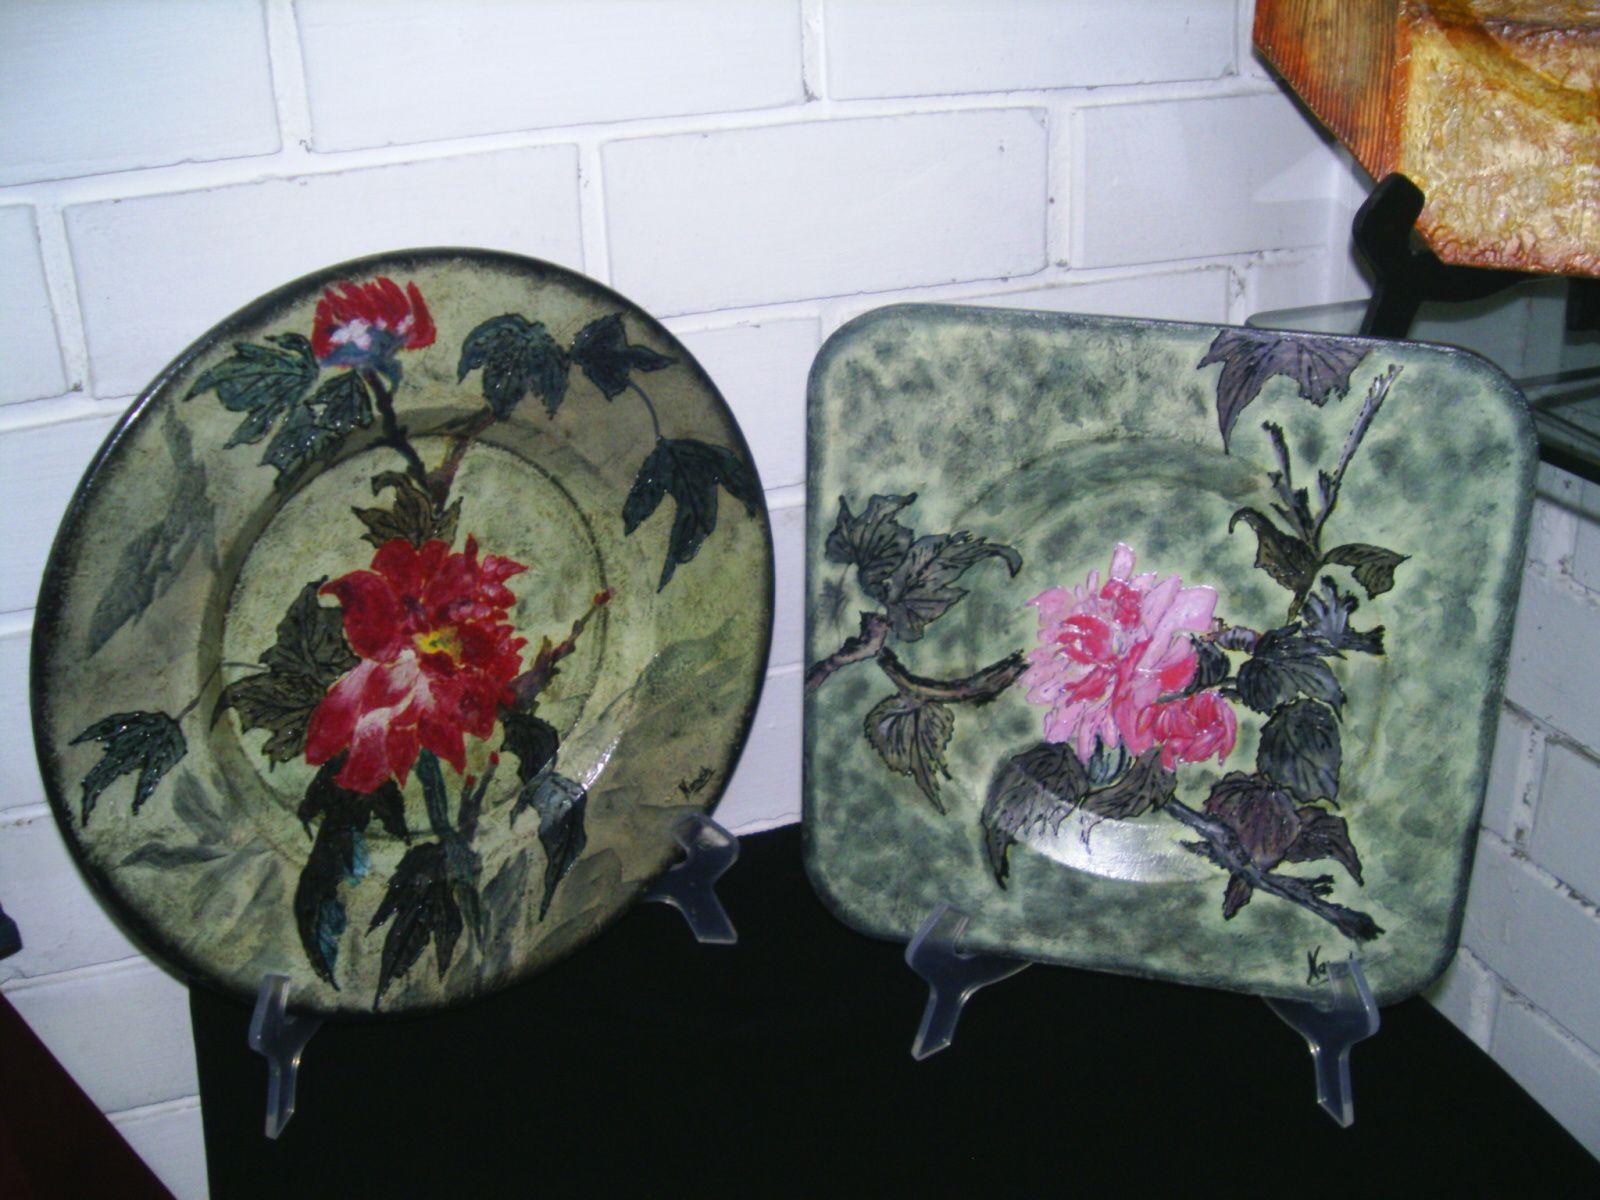 Platos decorativos para colgar en pared o sobre mesa t cnica relieves dise o flores chinas - Platos decorativos pared ...